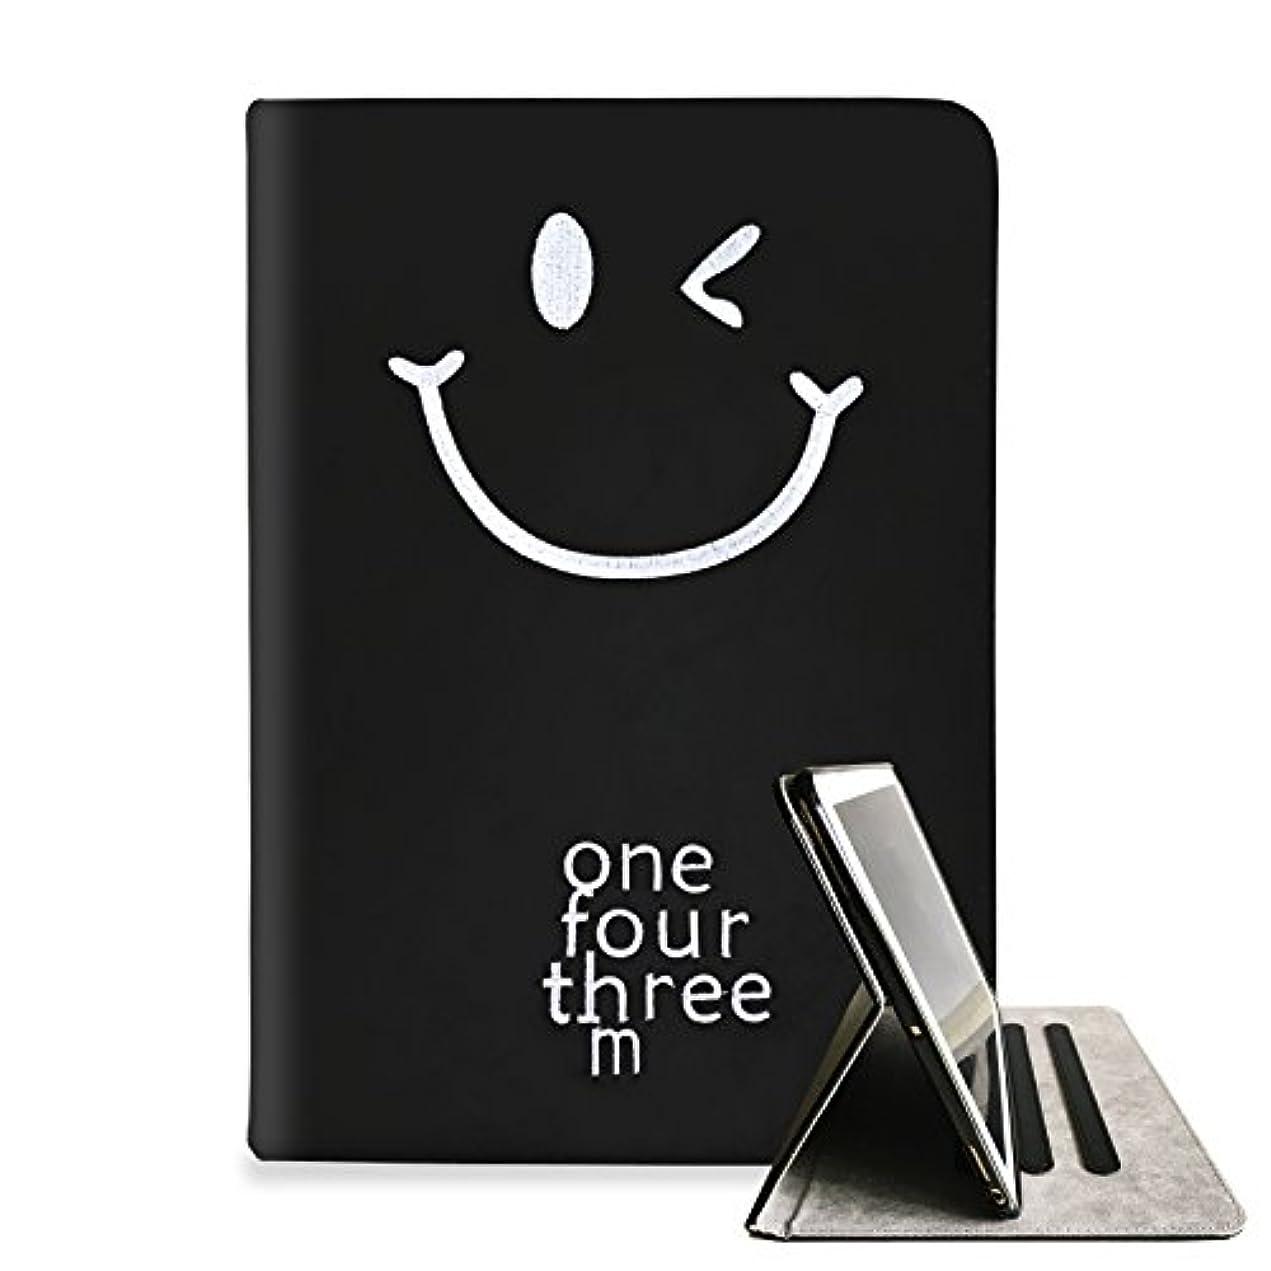 航空会社メディア数学者Super'Z 新型iPadケース スマートカバー アイパッドケース タブレットカバー 2018第六世代 2017第五世代 iPad 2018 第6世代 iPad 2017 第5世代 オートスリープ機能 スタンド付き ダイアリー 手帳型 ブックデザイン 刺繍 ししゅう スマイル 笑顔 smile ニコちゃん マーク ニコニコ マルチカラー フェイクレザー キャラクター 軽量 かわいい おしゃれ ビジュアル(モデル番号:A1822,A1823,A1893,A1954)